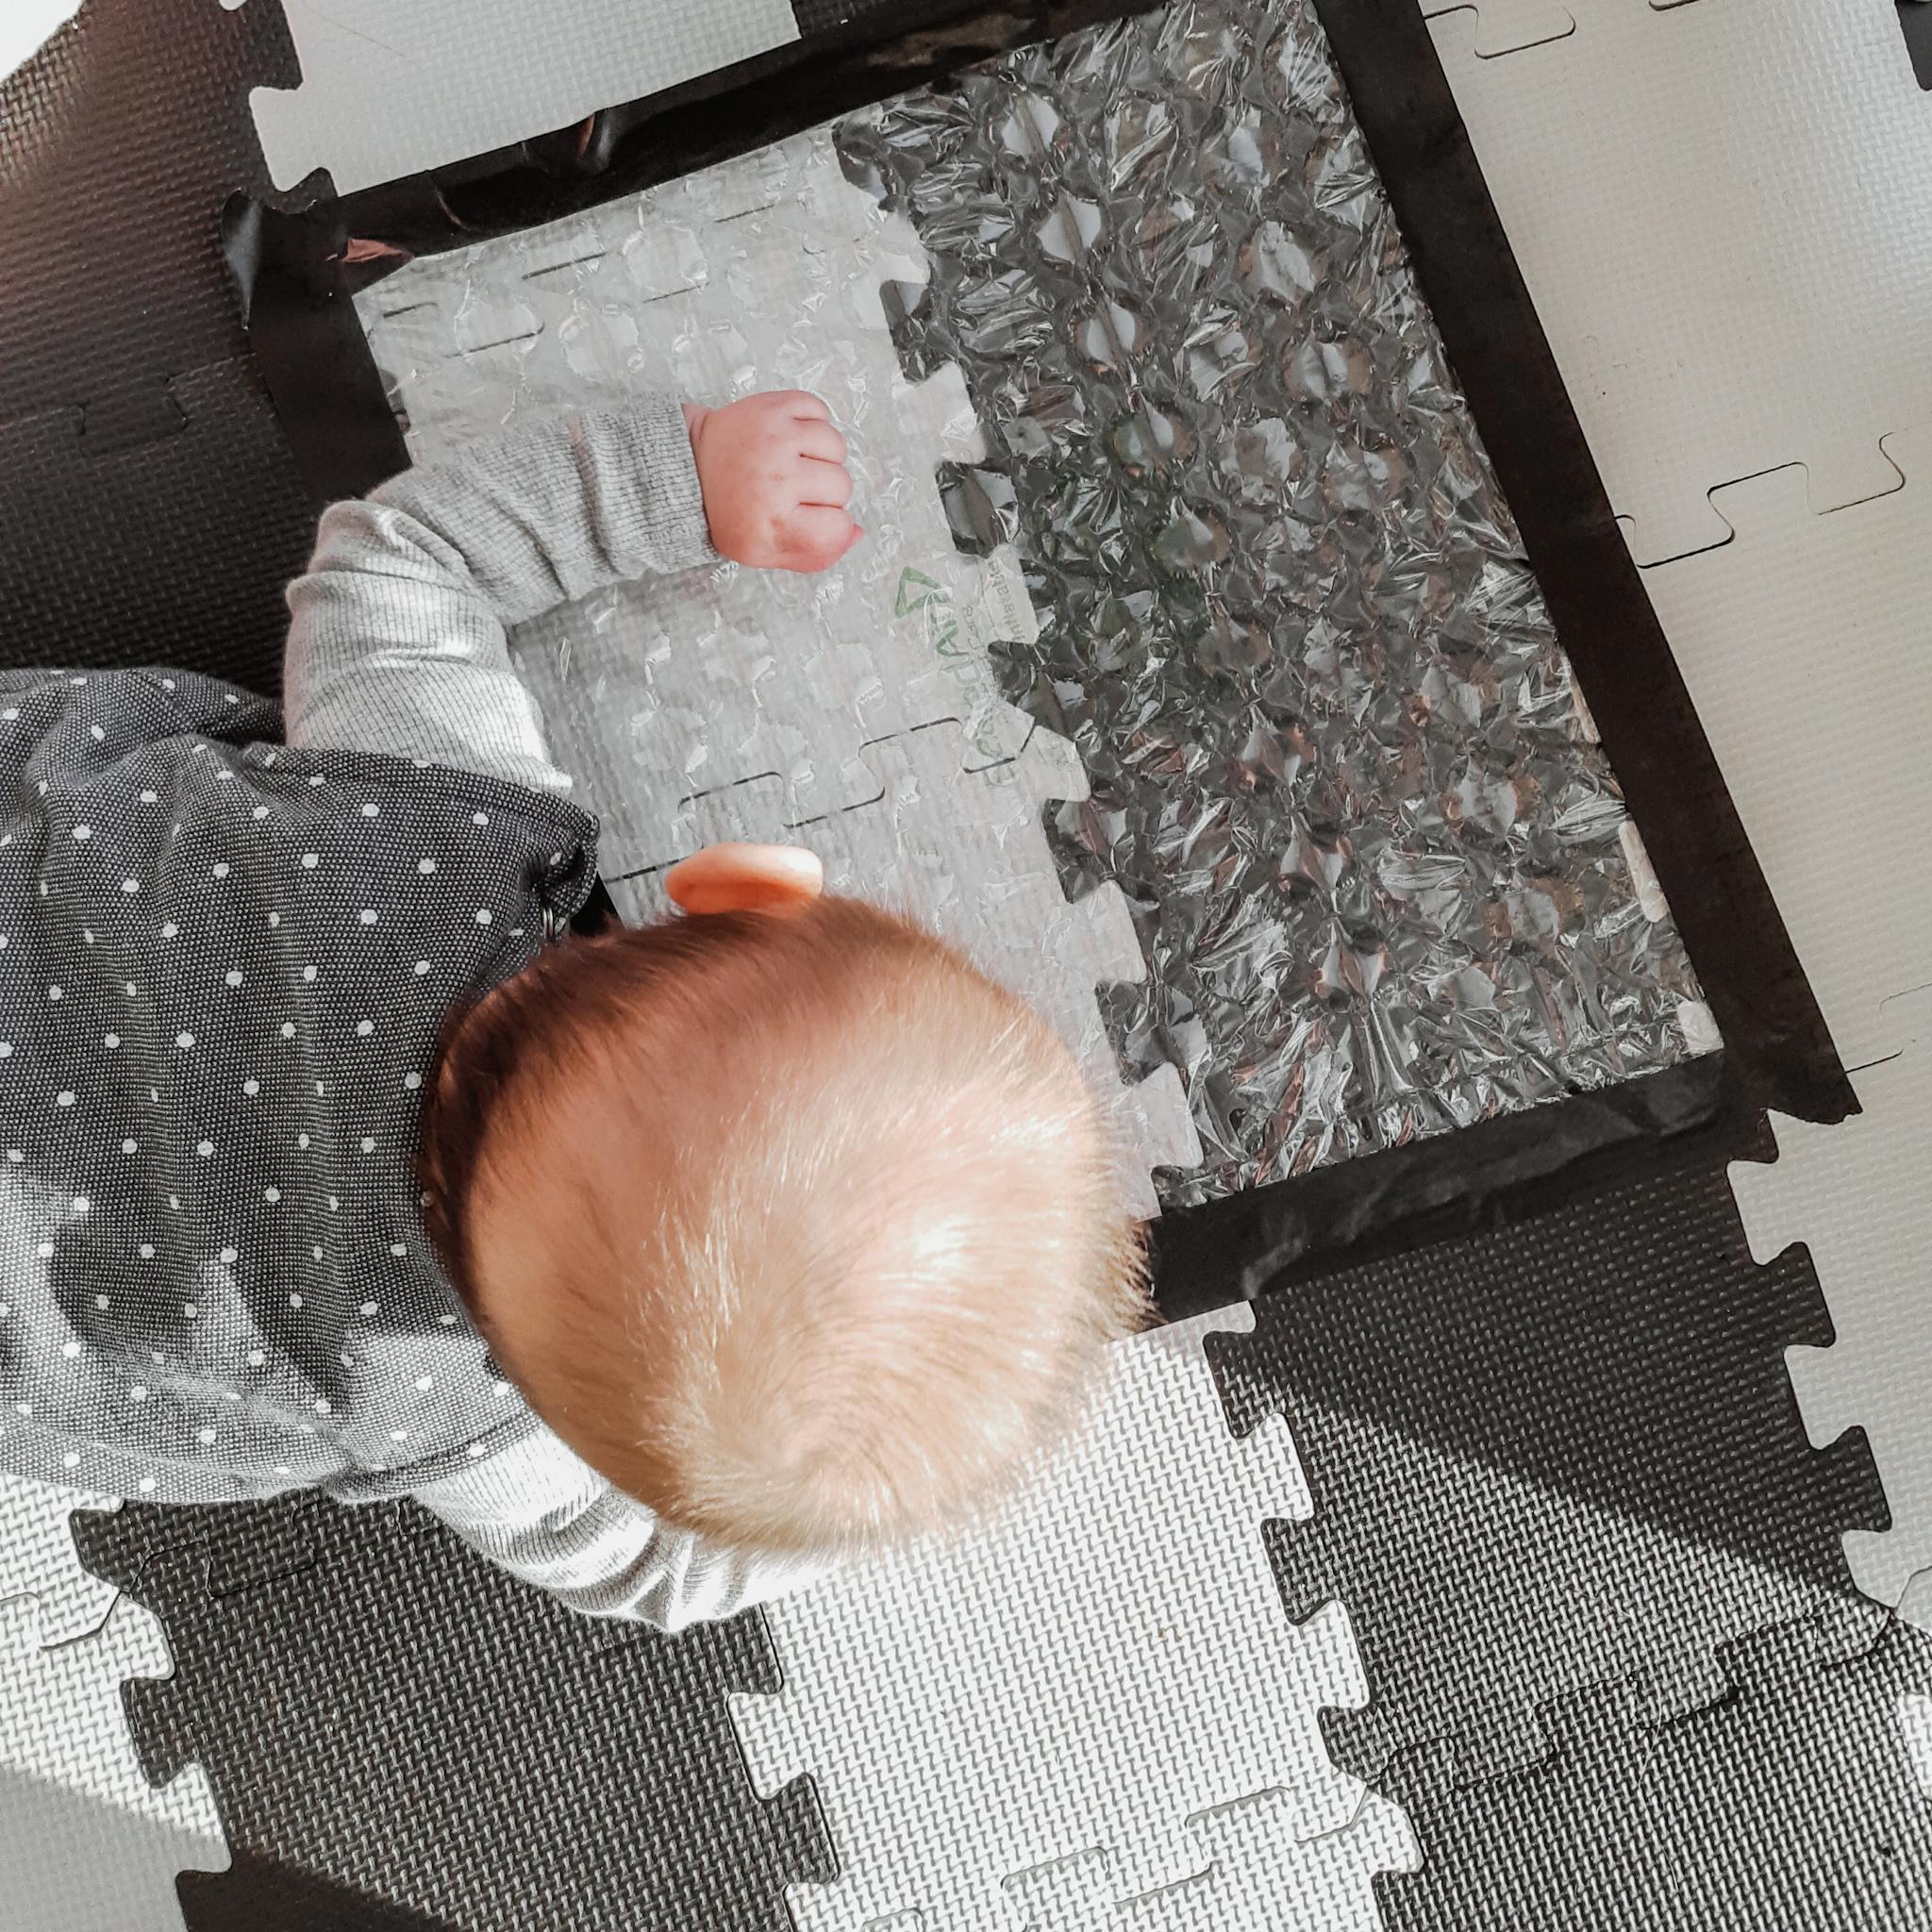 Simpele sensorische activiteit – baby week 20